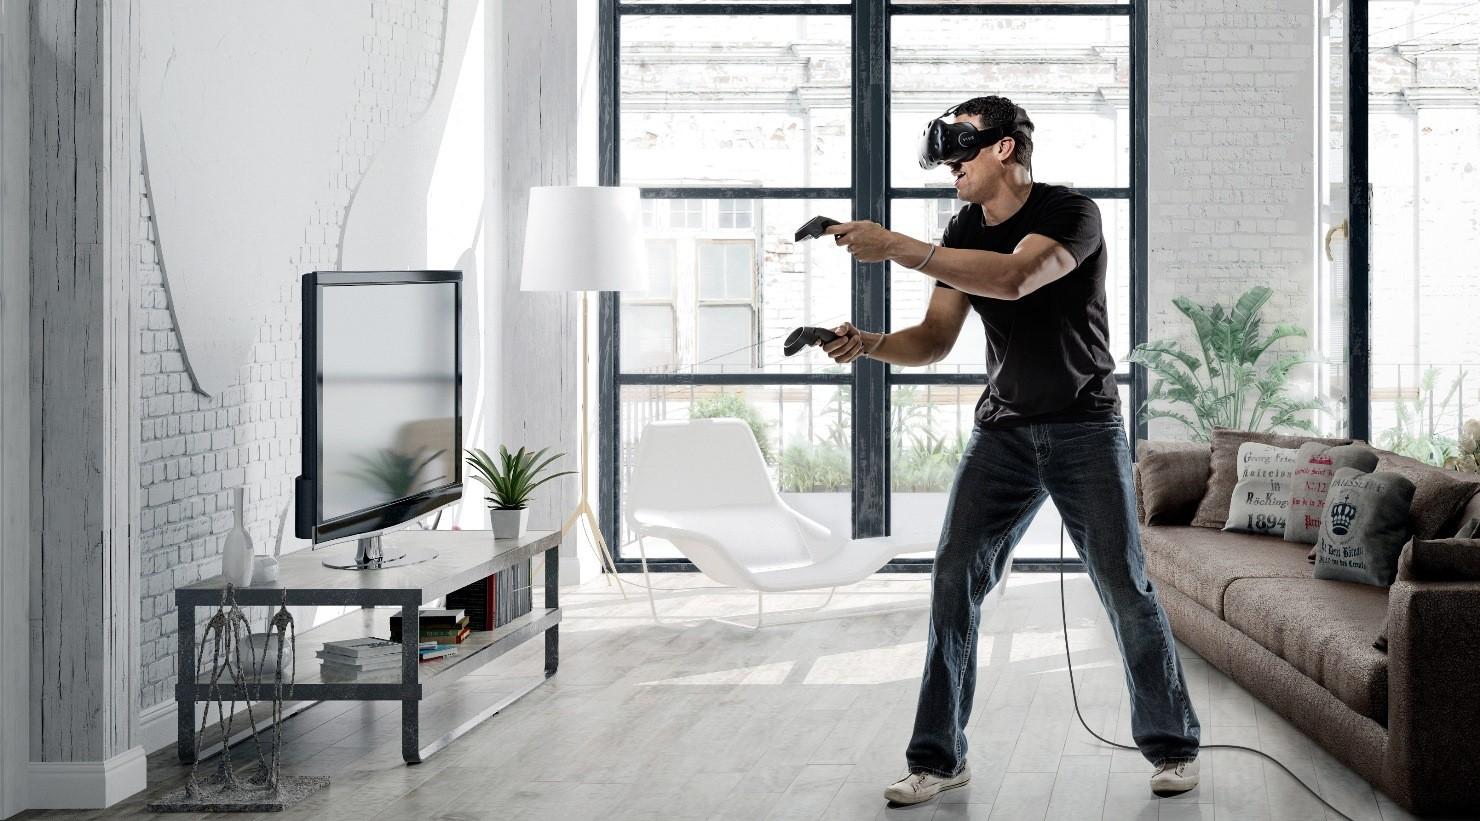 Fotografia di un soggetto che prova la realtà virtuale